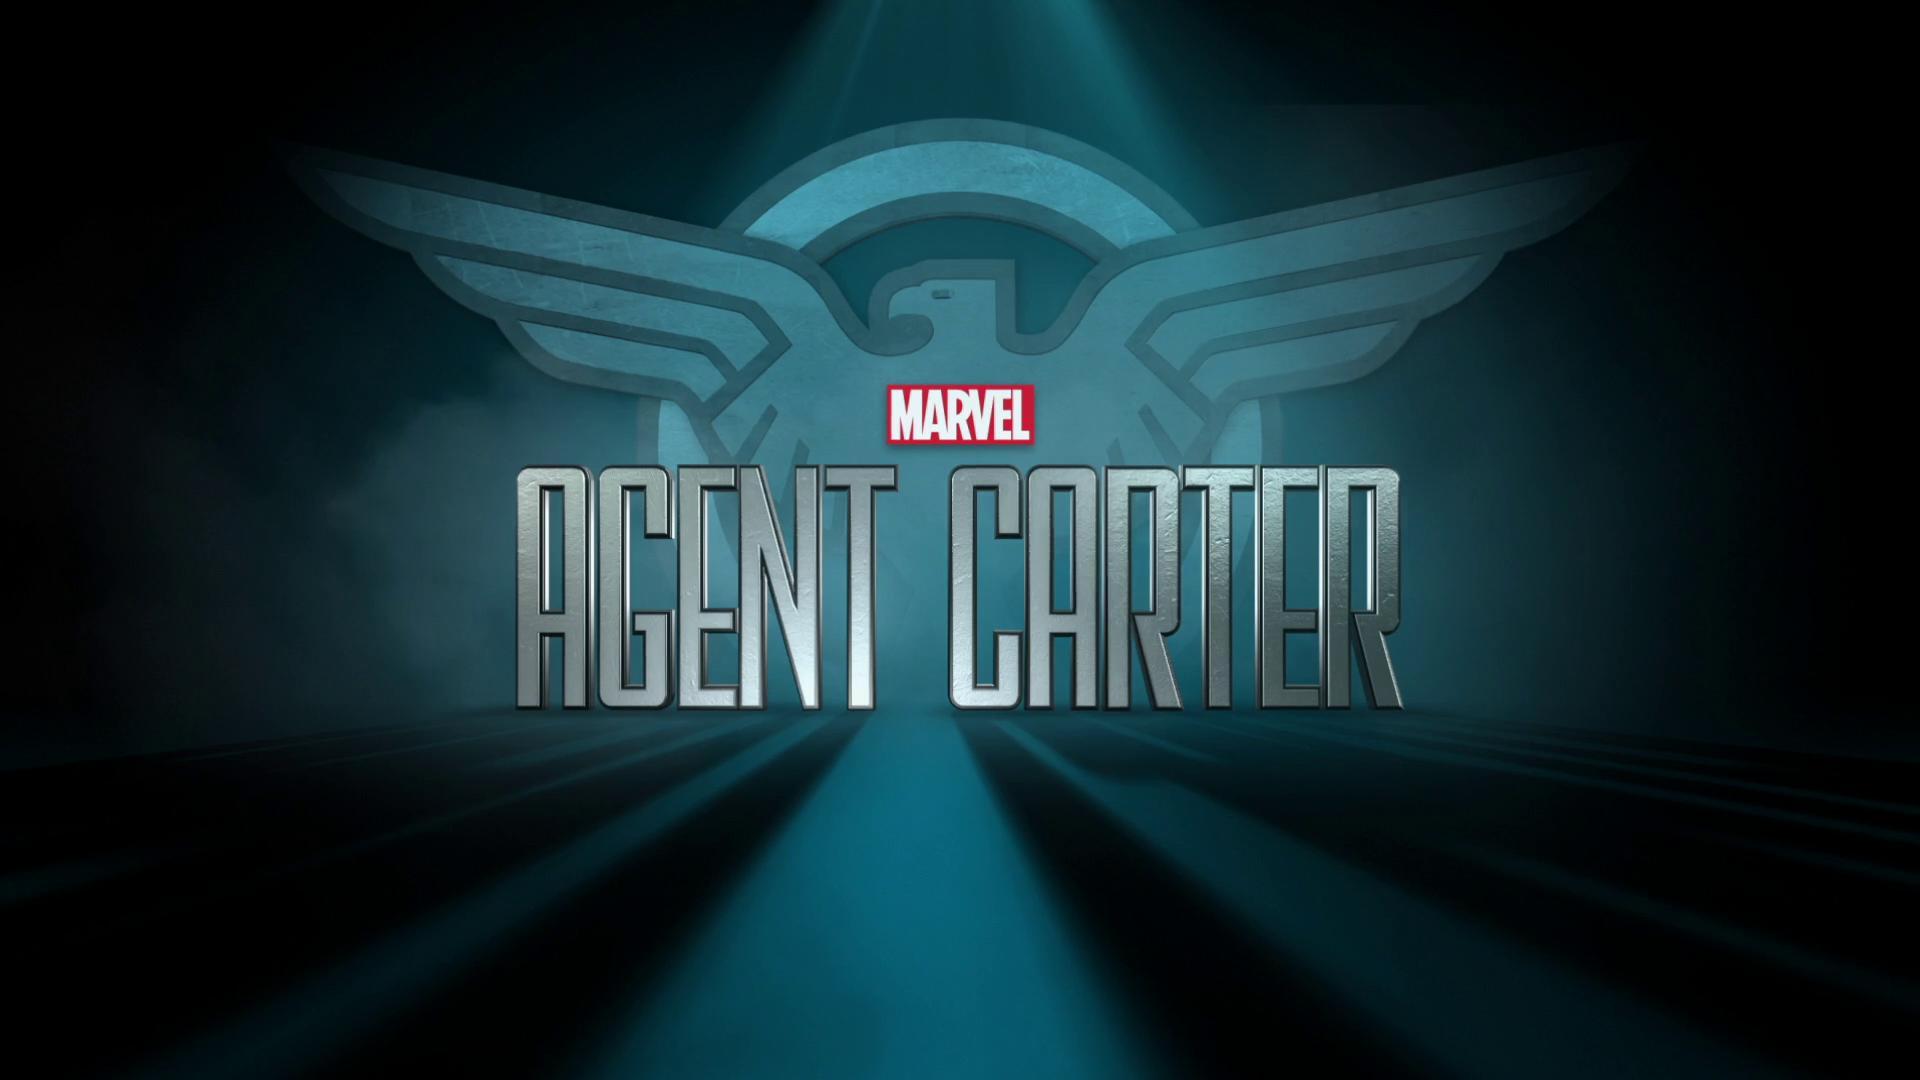 Agent Carter wallpaper 7